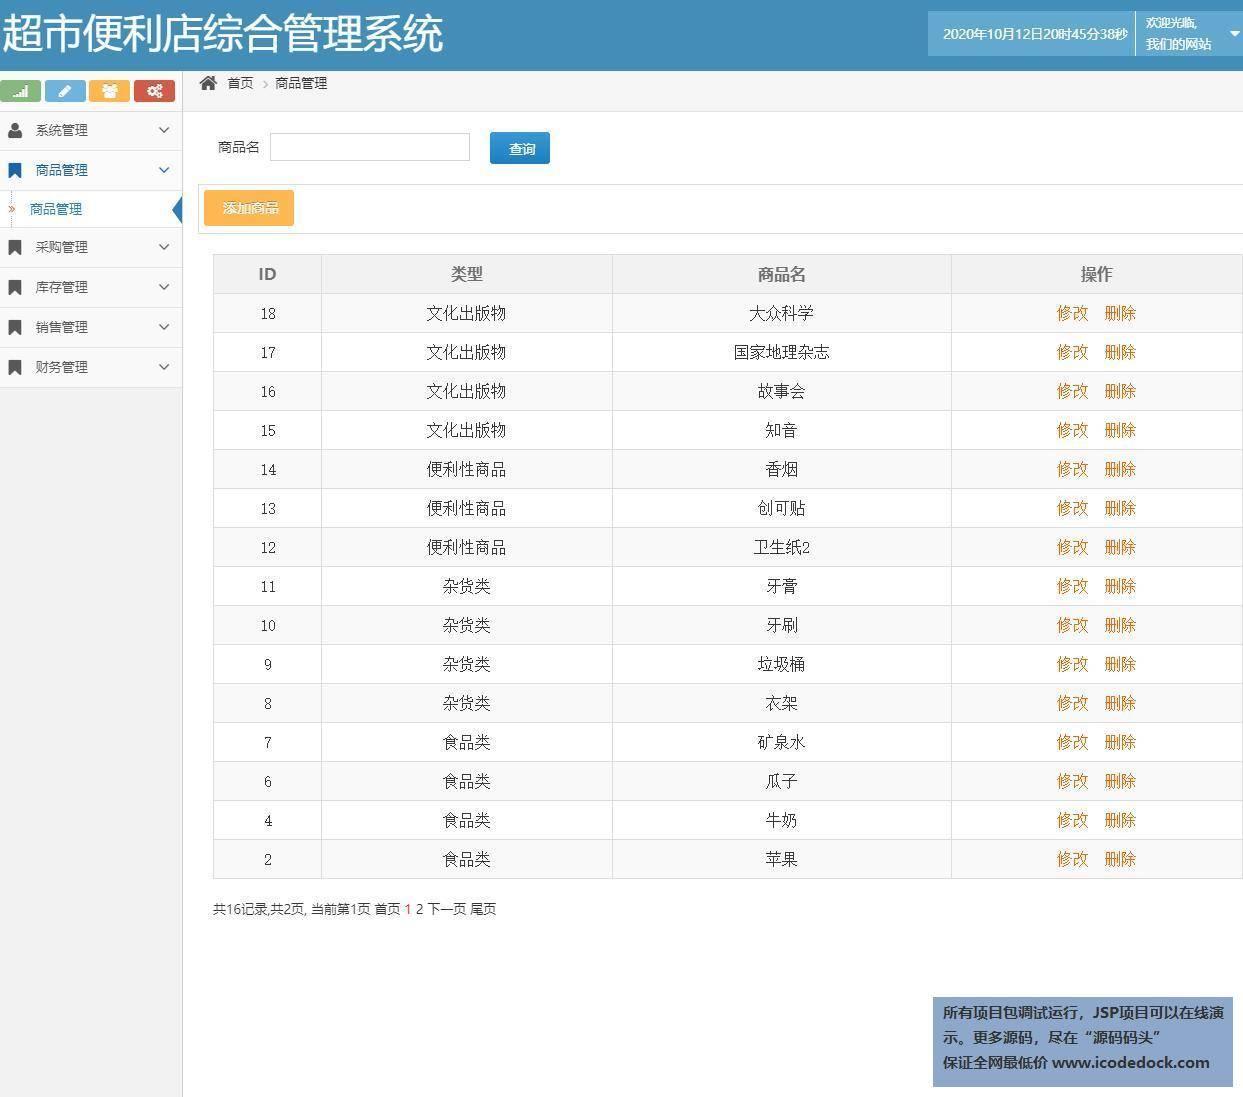 源码码头-SSH超市便利店综合管理系统-管理员角色-商品管理